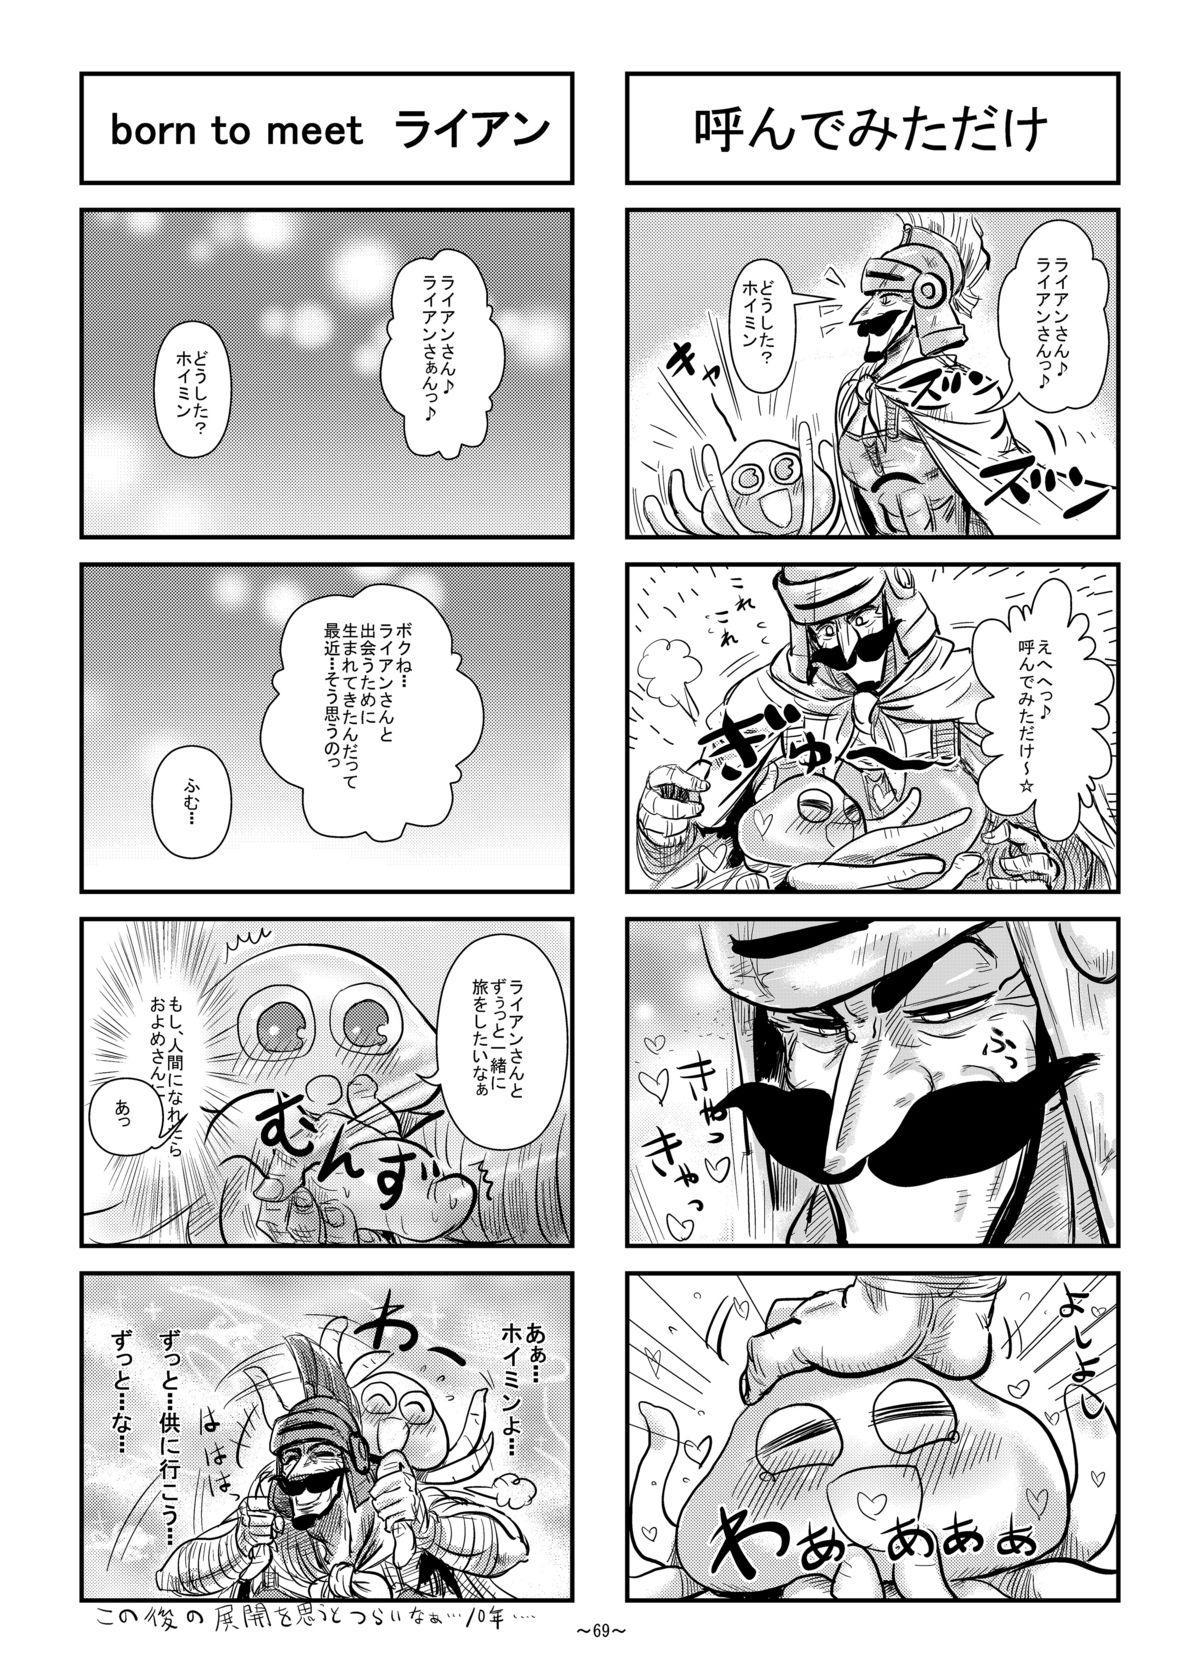 Zettai ni Zenmetsushite wa Ikenai DraQue 69